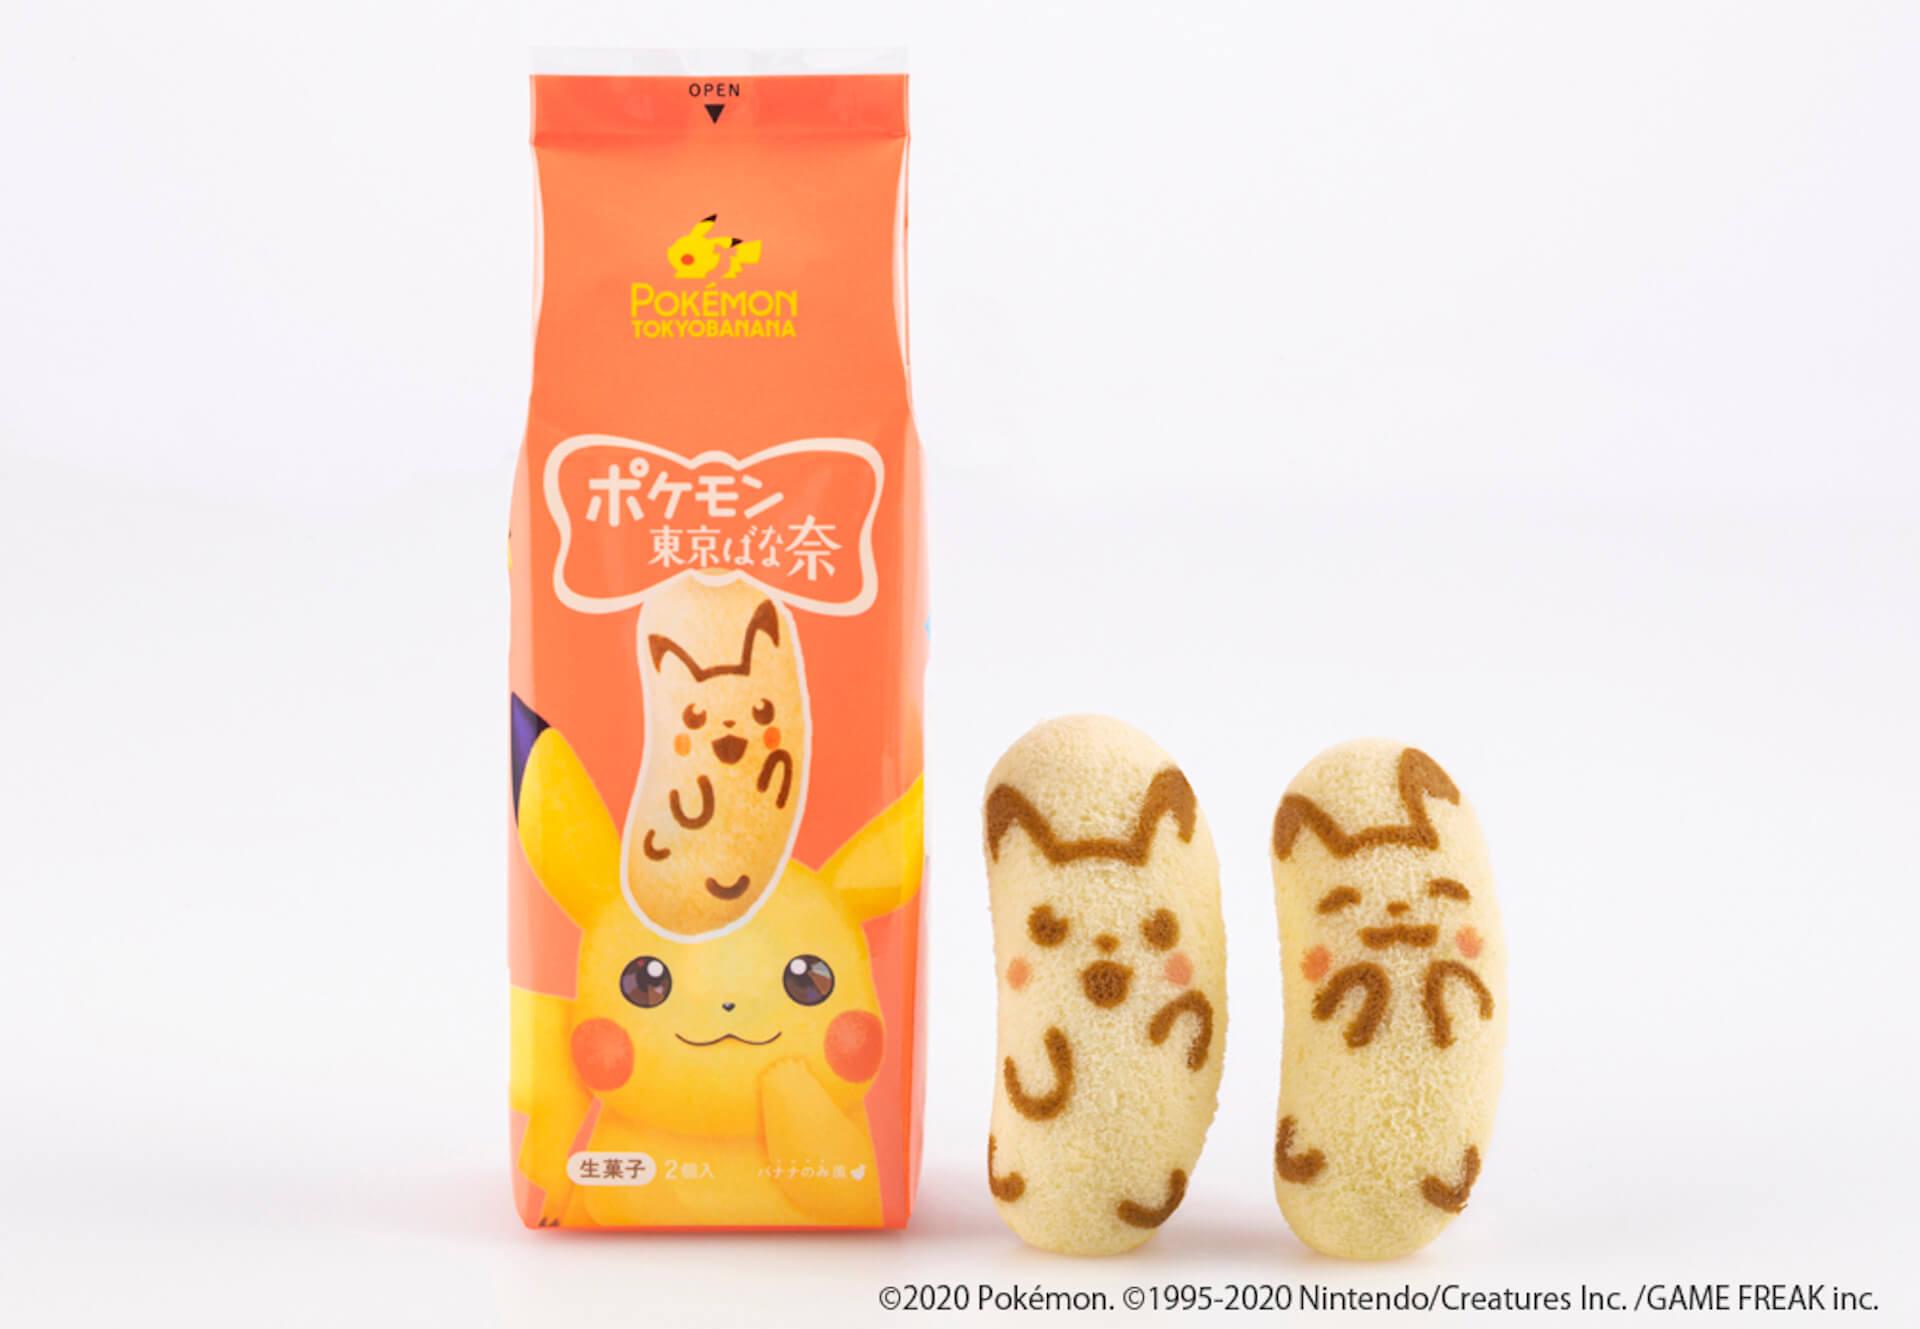 ピカチュウが東京ばな奈になっちゃった!?「ポケモン東京ばな奈」第1弾商品「ピカチュウ東京ばな奈」が北海道、東北などで数量限定先行発売 gourmet201124_tokyobanana_pokemon_7